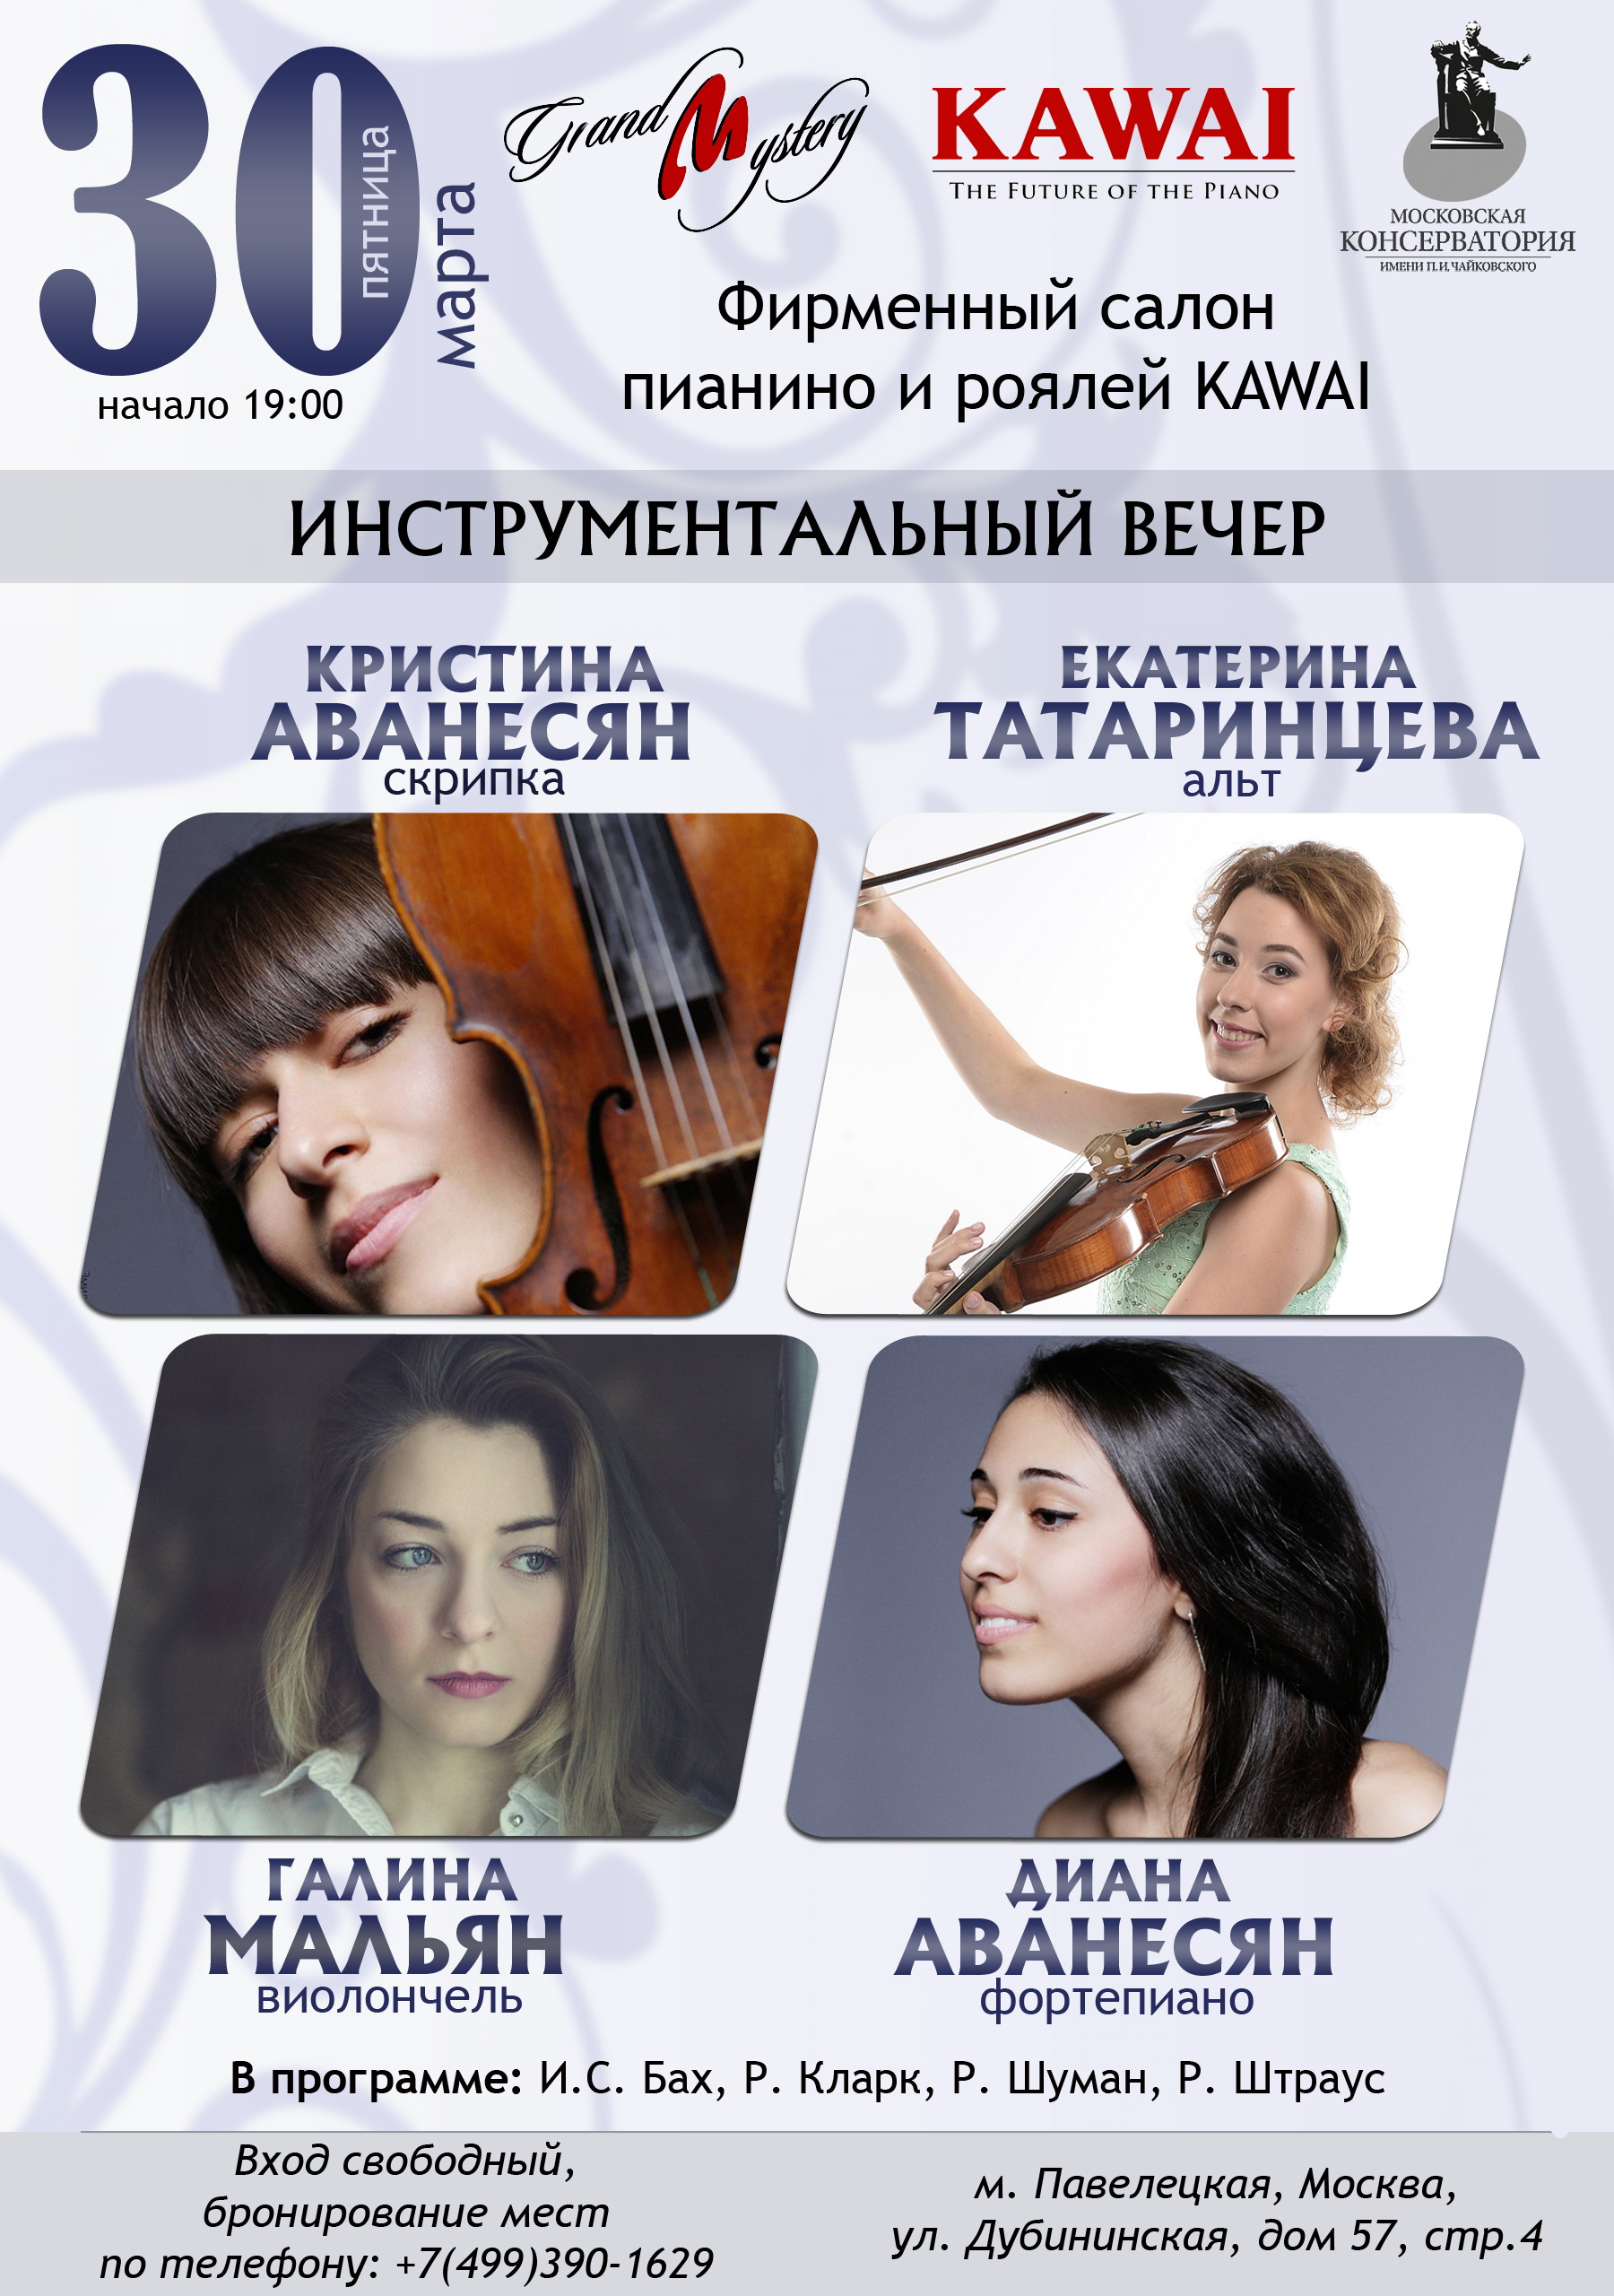 Инструментальный концерт